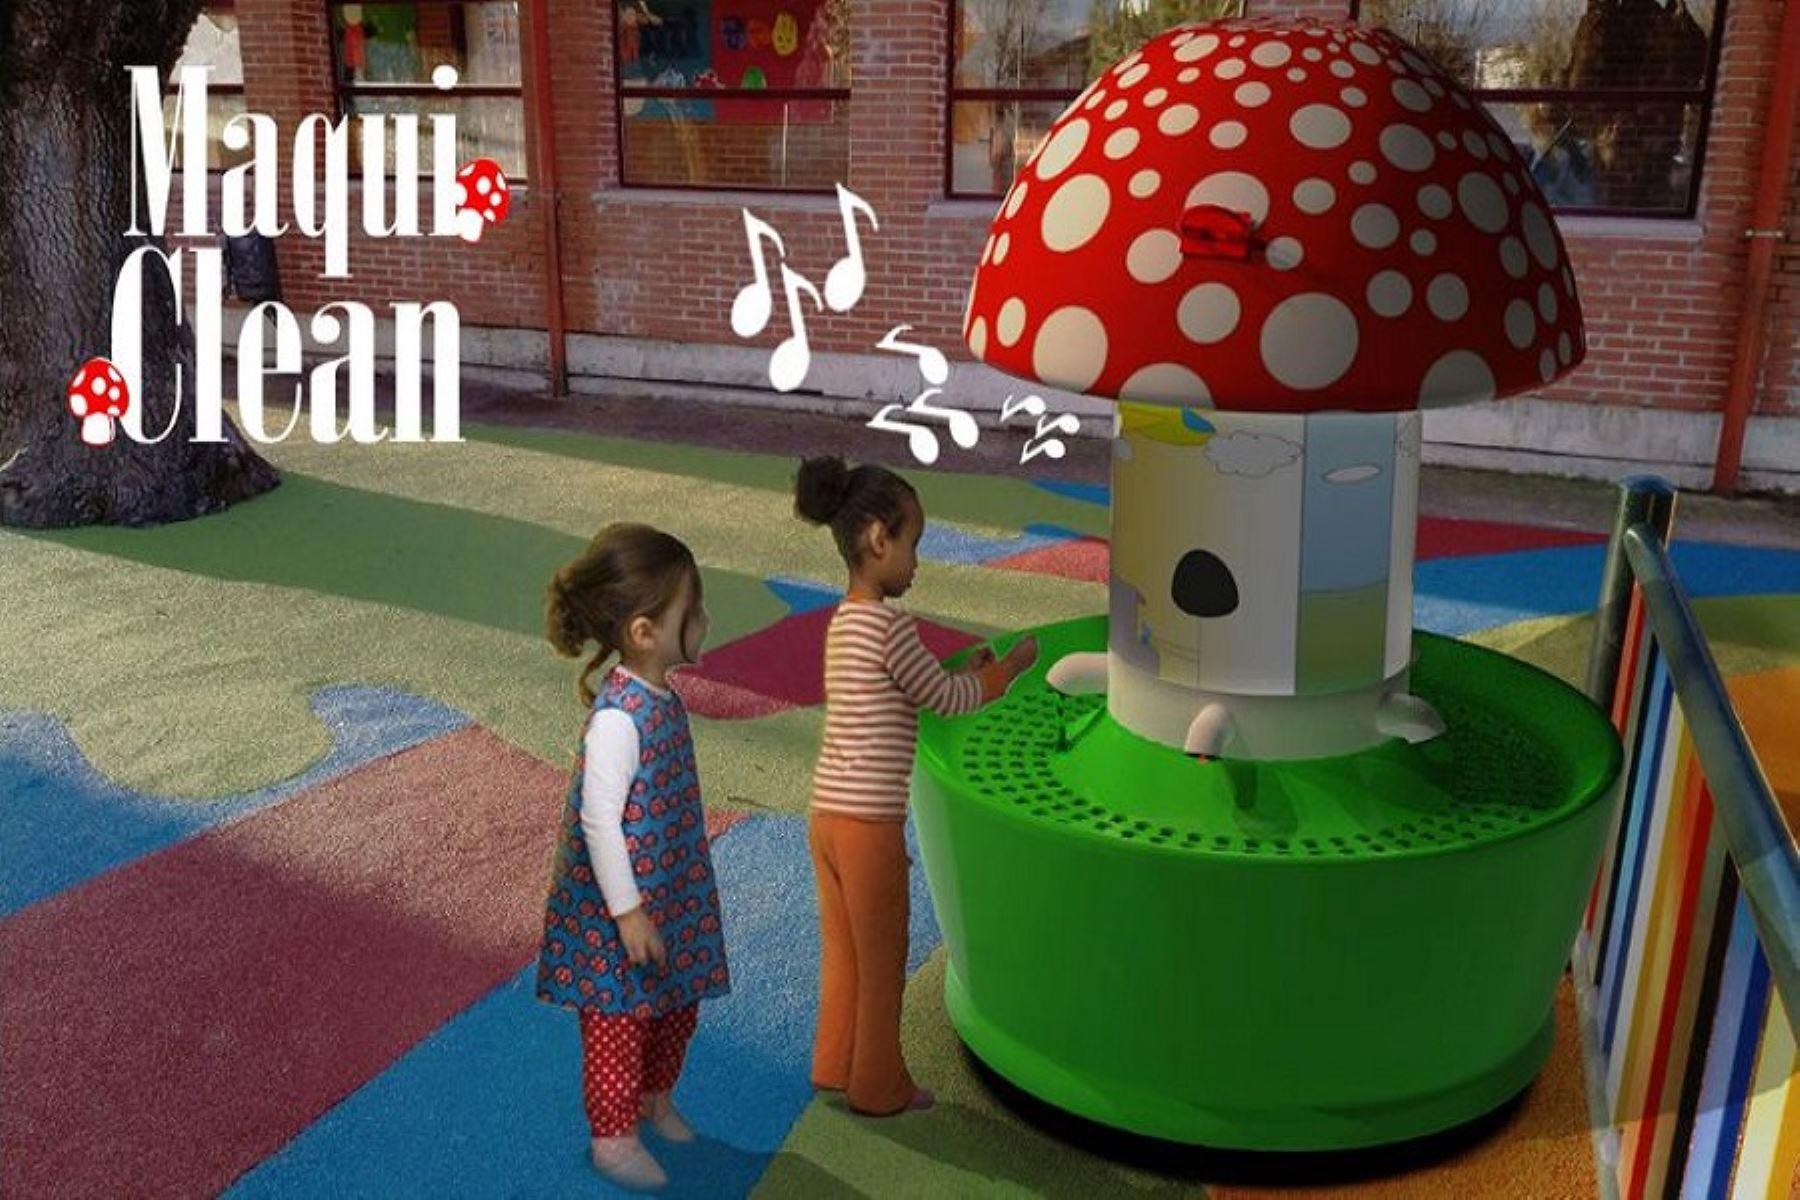 Maqui Clean, que también obtuvo medalla de oro, es un lavadero interactivo para niños de 3 a 6 años que cumple con los protocolos de bioseguridad y cuenta con un cronómetro automático. Foto: UPN